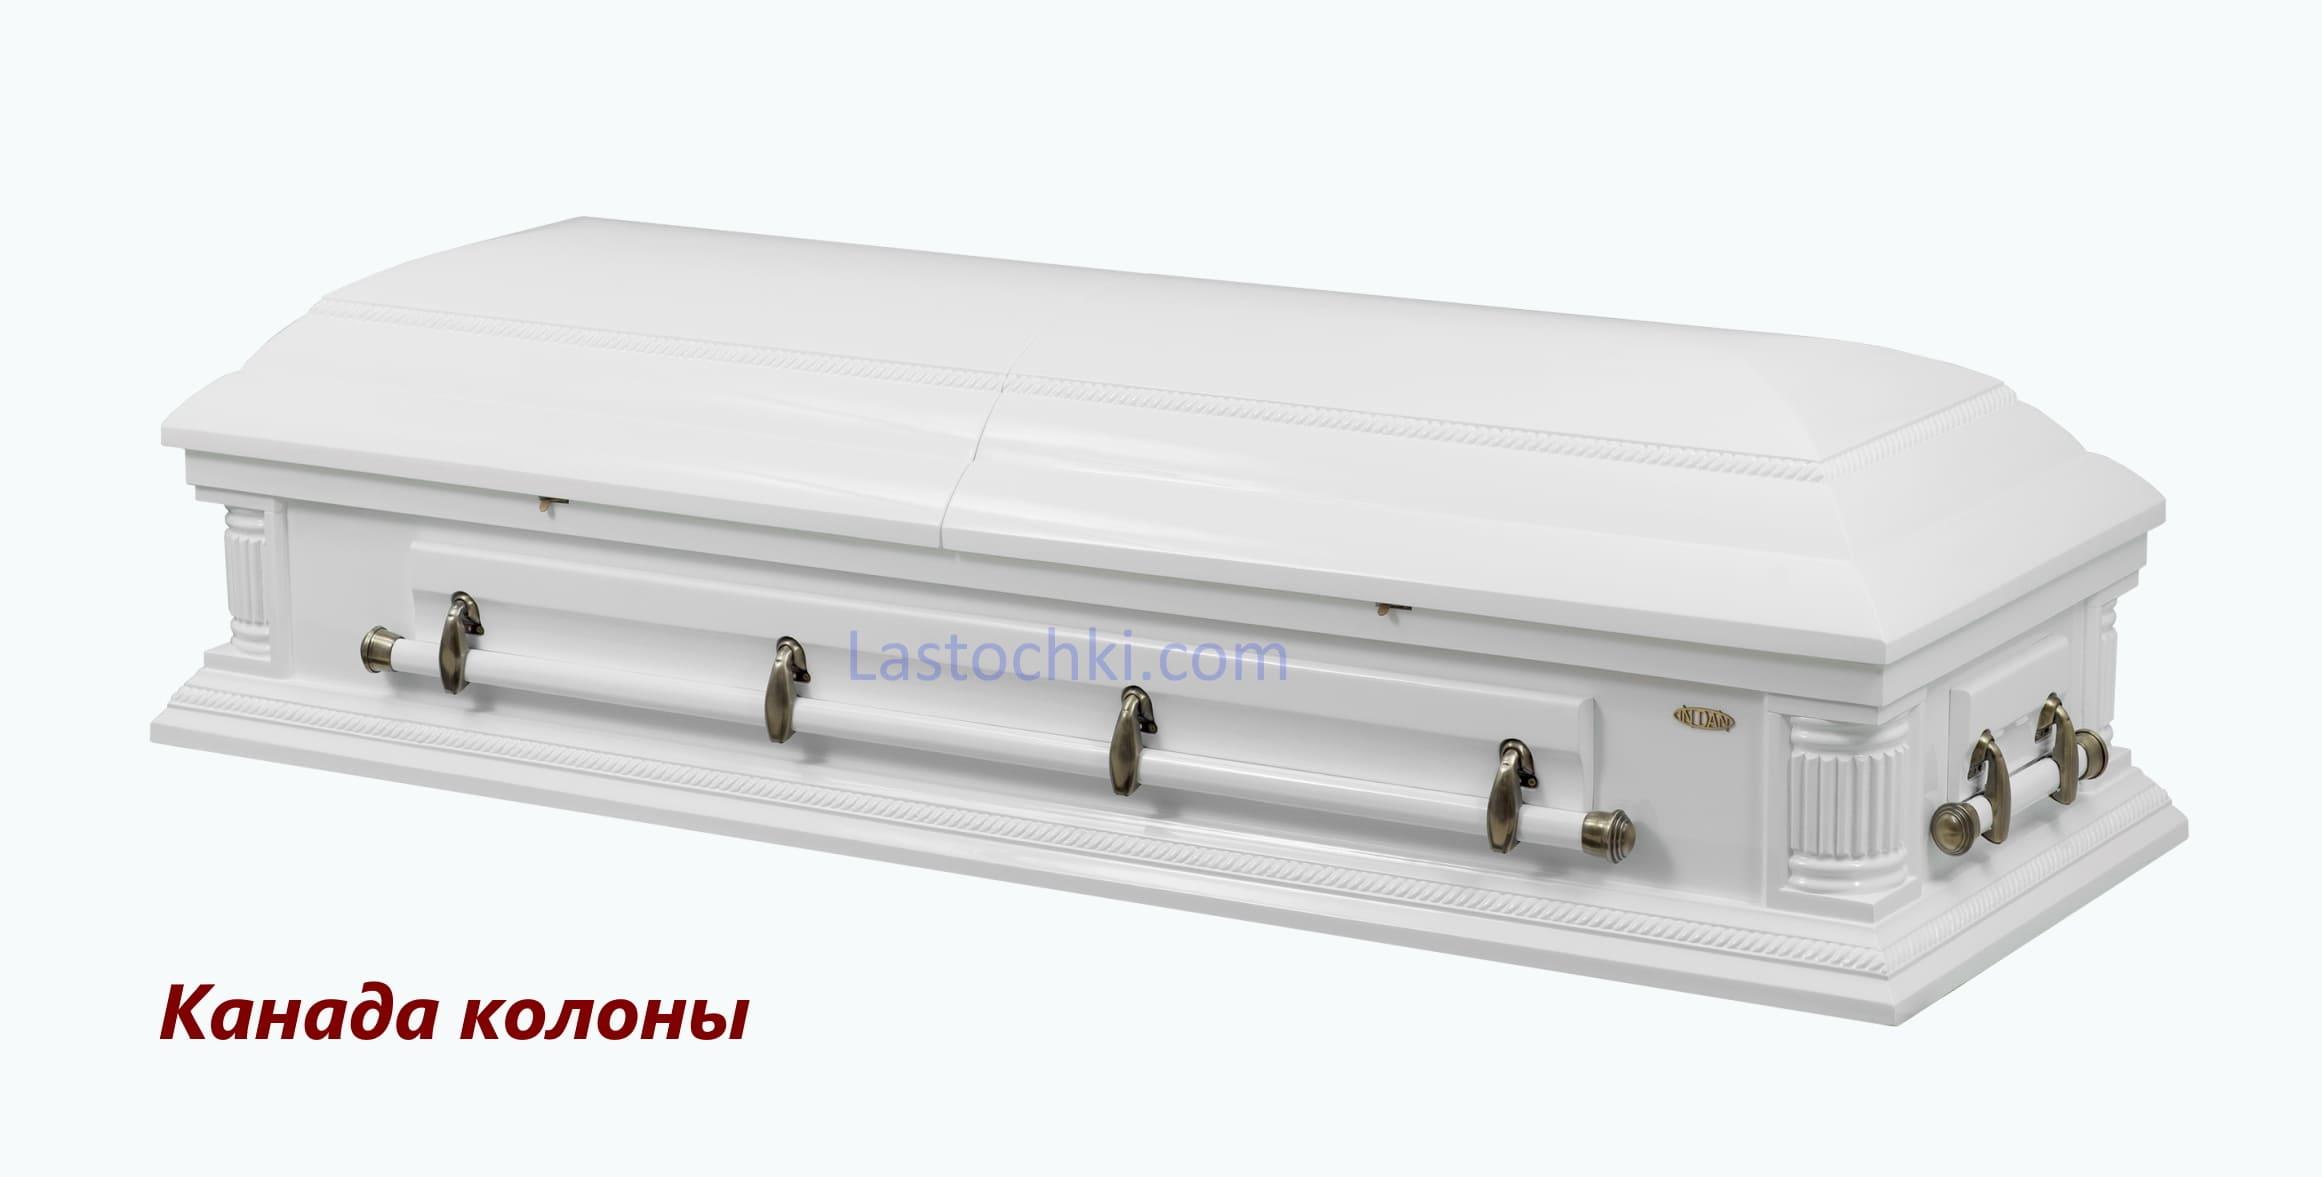 Саркофаг Канада колоны белый  -  Цена 76 000 грн.